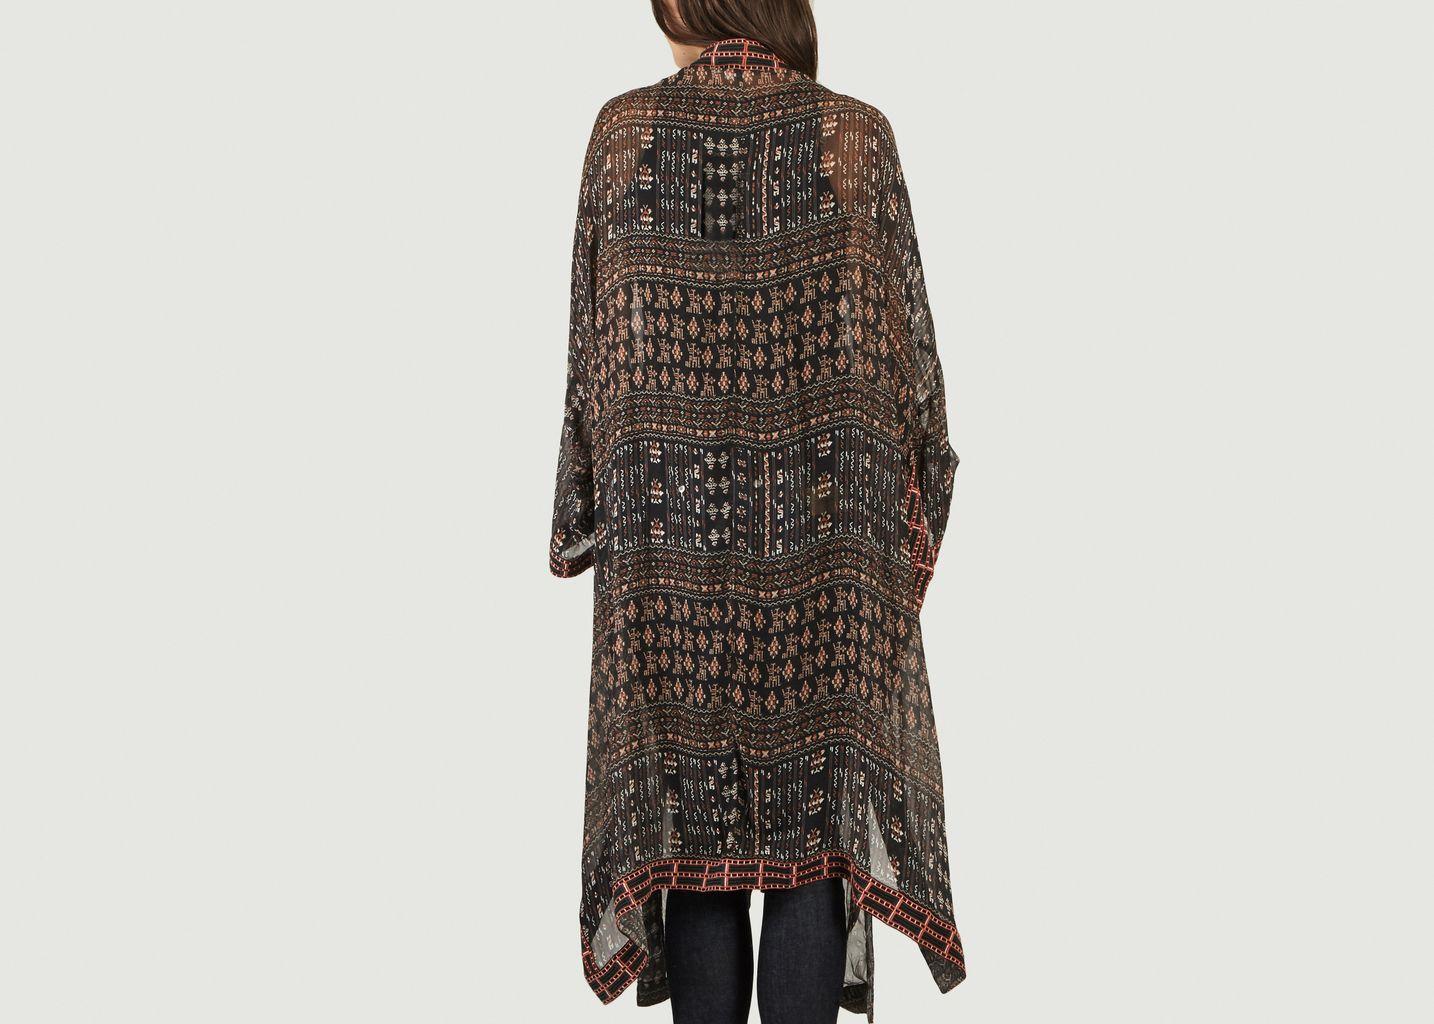 Kimono Motif Ikat Tarma - Stéphanie Vaillé